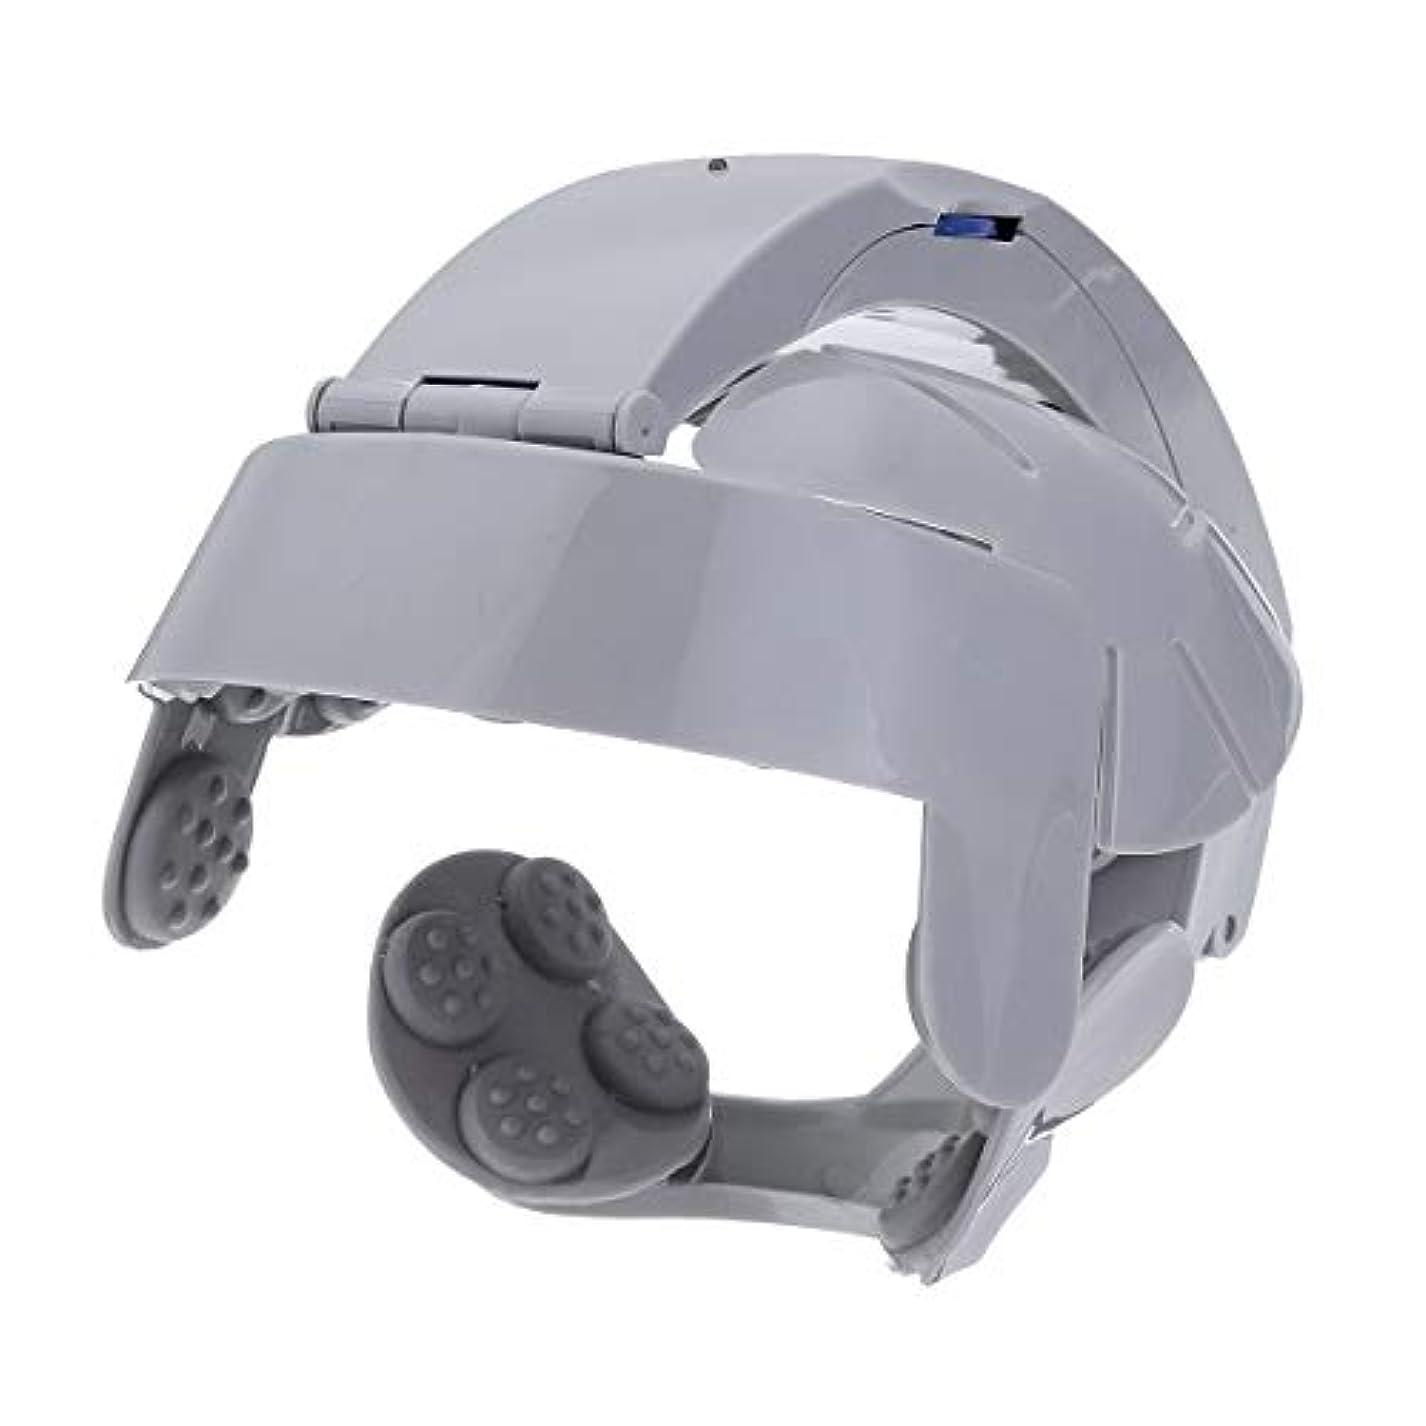 幸運な降雨放射性ヘッド振動マッサージ電動ヘッドマッサージリラックス脳経穴ストレス解放マシンポータブルのためのホーム使用